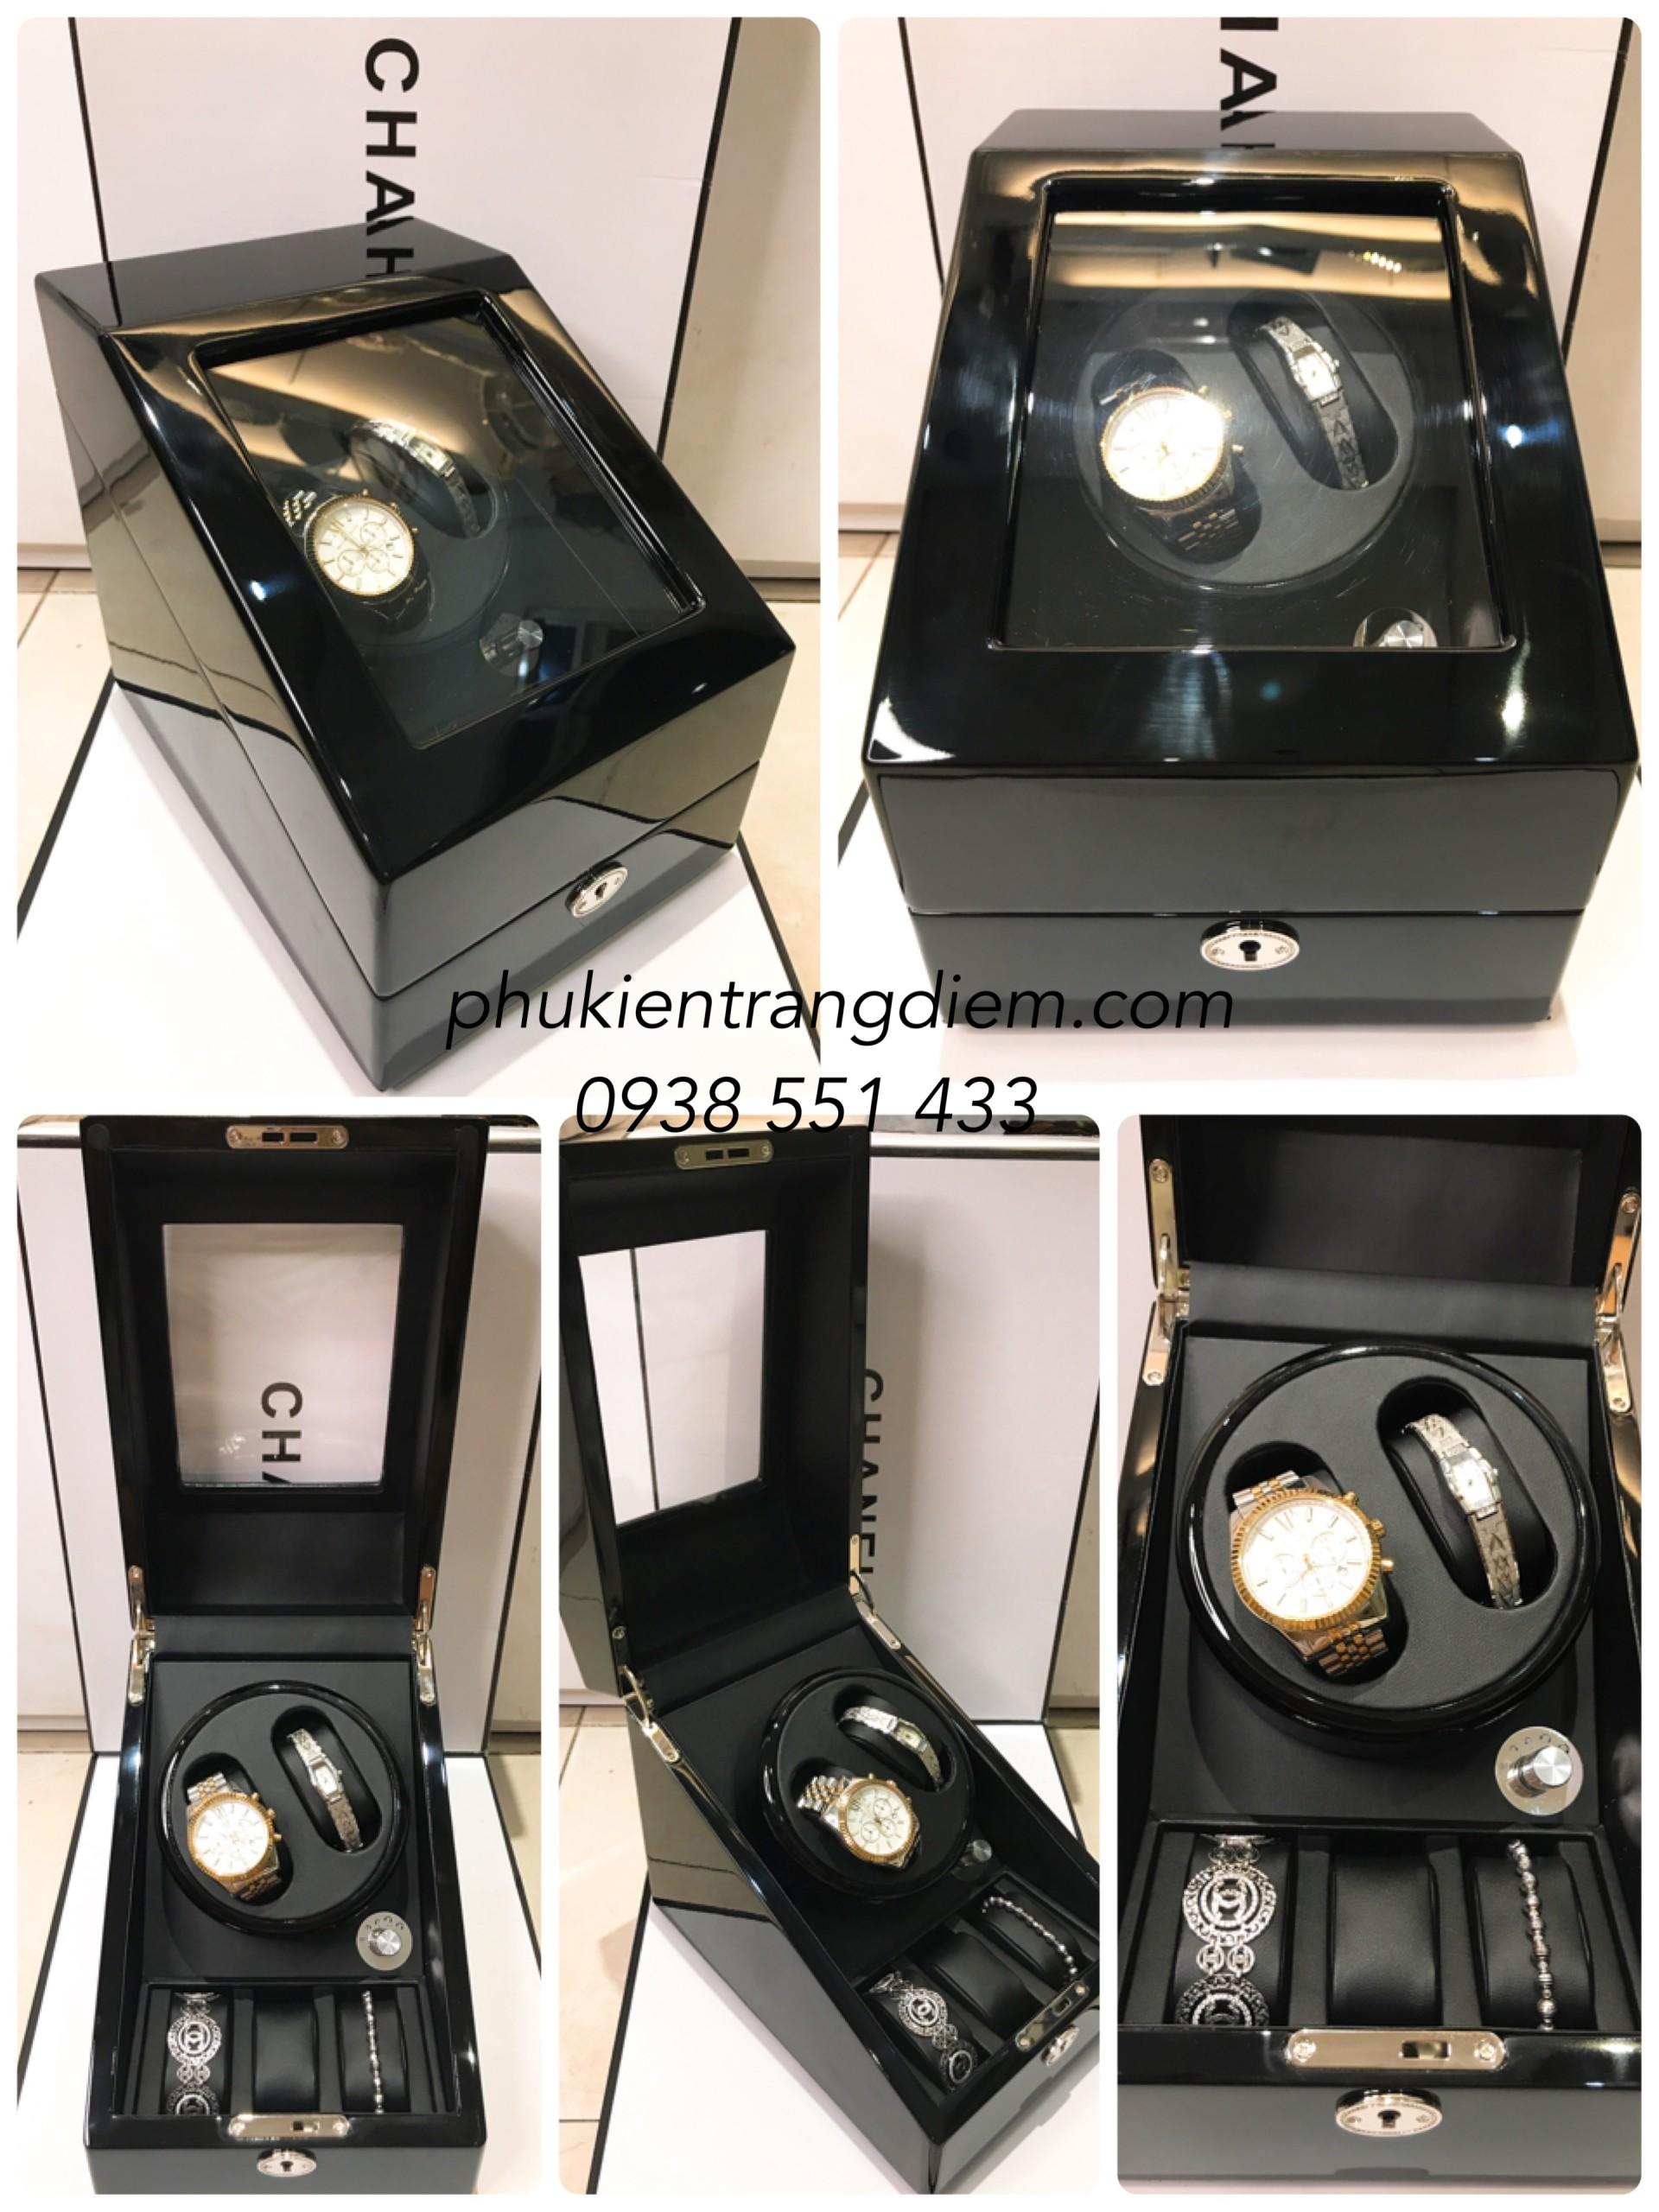 hộp xoay đồng hồ cơ tự động nhiều ngăn bằng gỗ giá rẻ